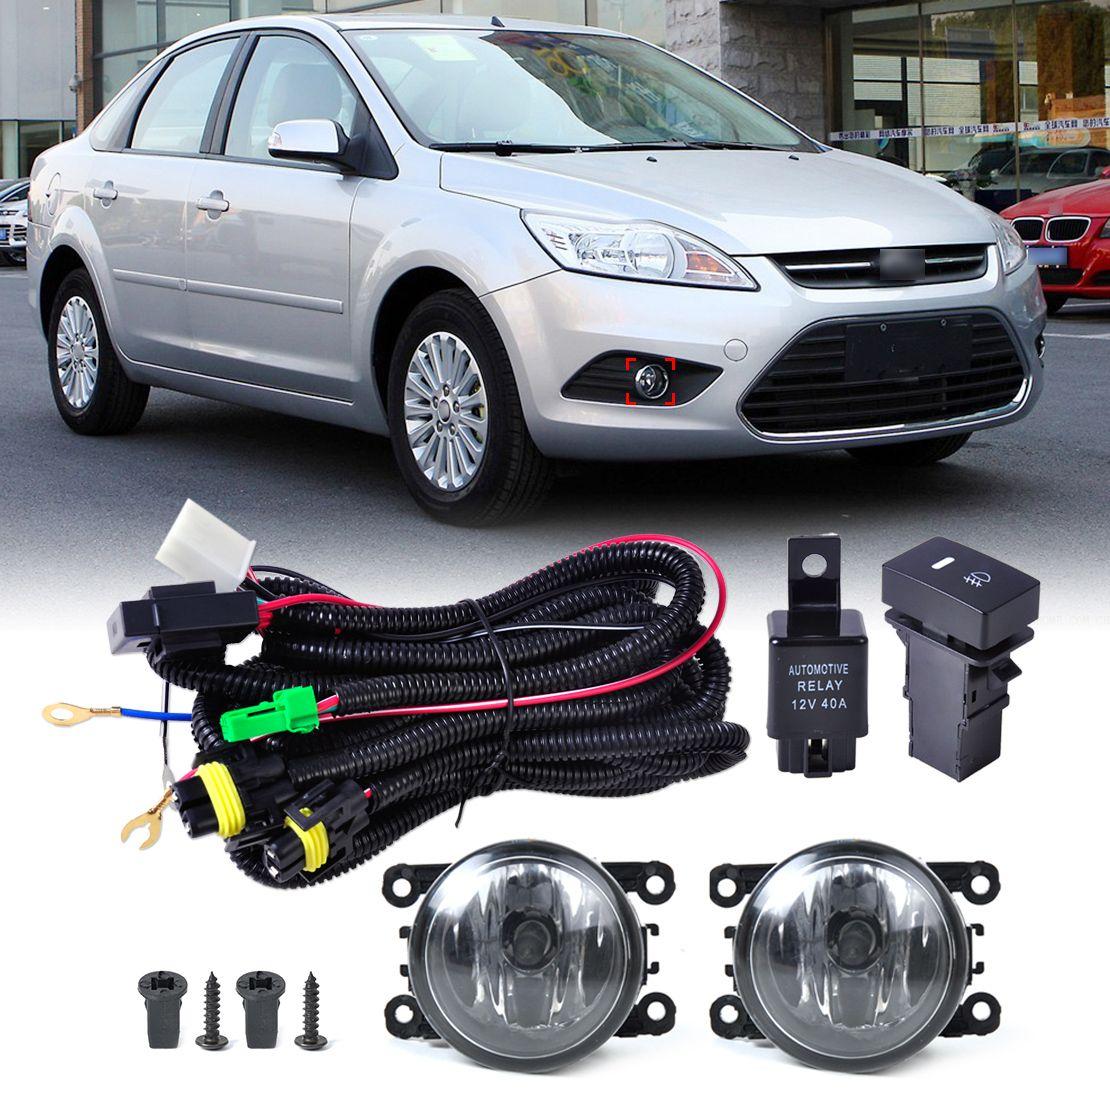 Beler nouveau faisceau de câbles prises + interrupteur + 2 feux antibrouillard H11 lampe 12 V 55 W 4F9Z-15200-AA Kit pour Ford Mustang Lincoln Subaru